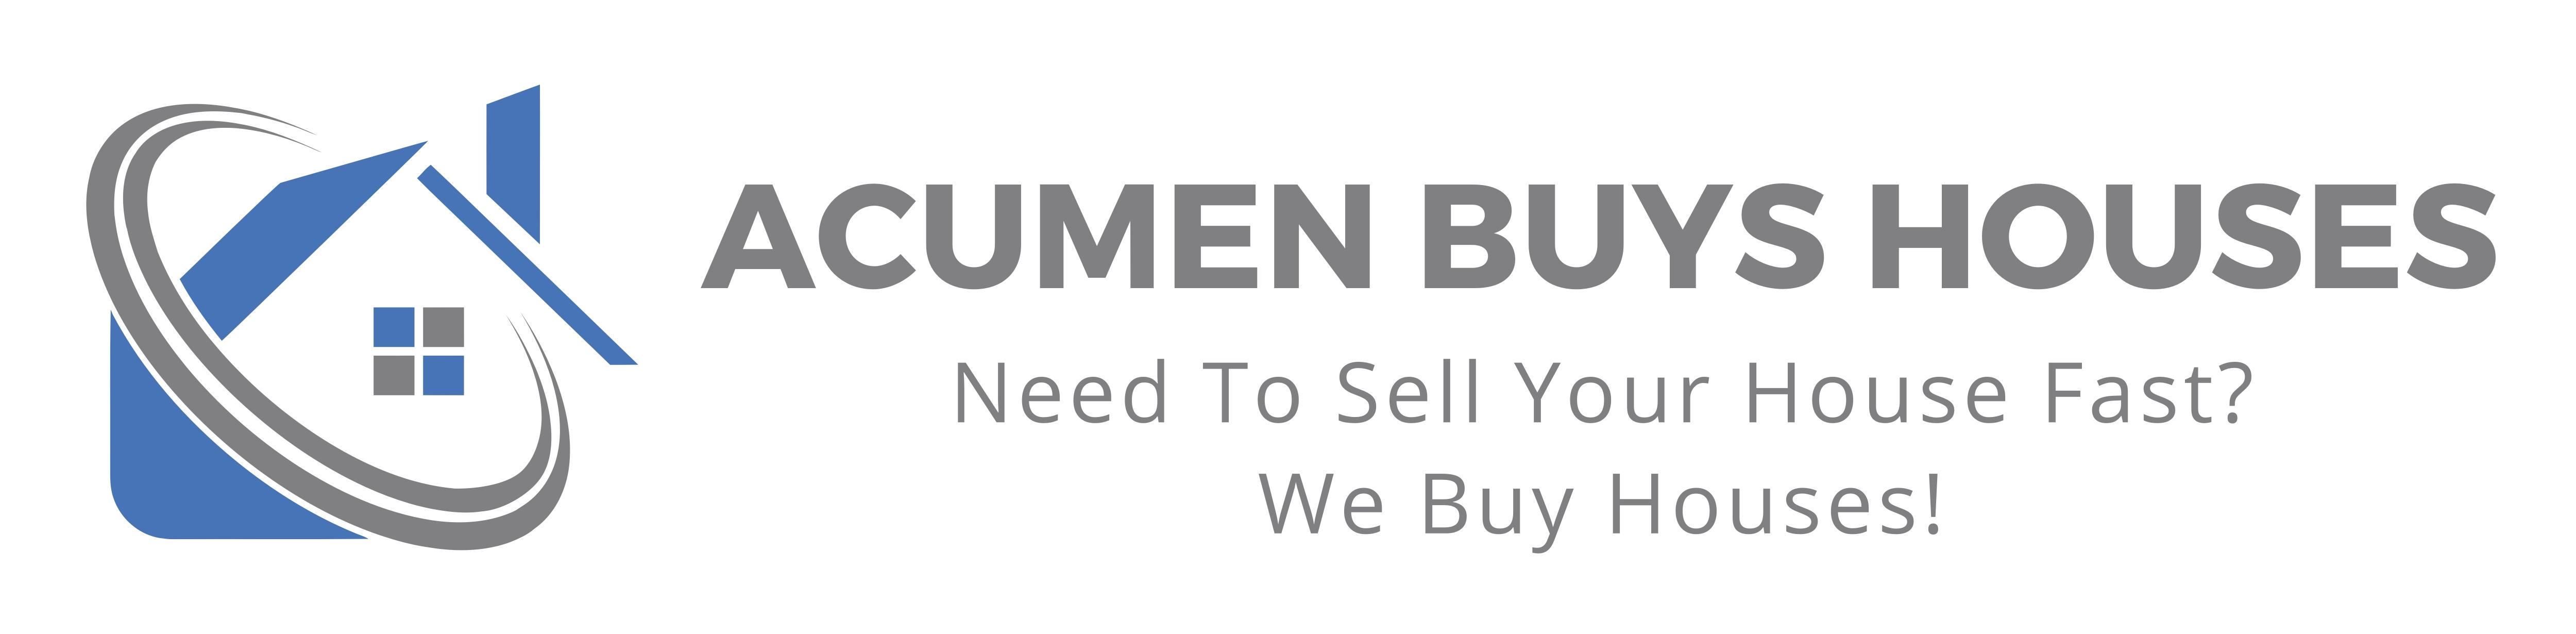 ACUMEN BUYS HOUSES